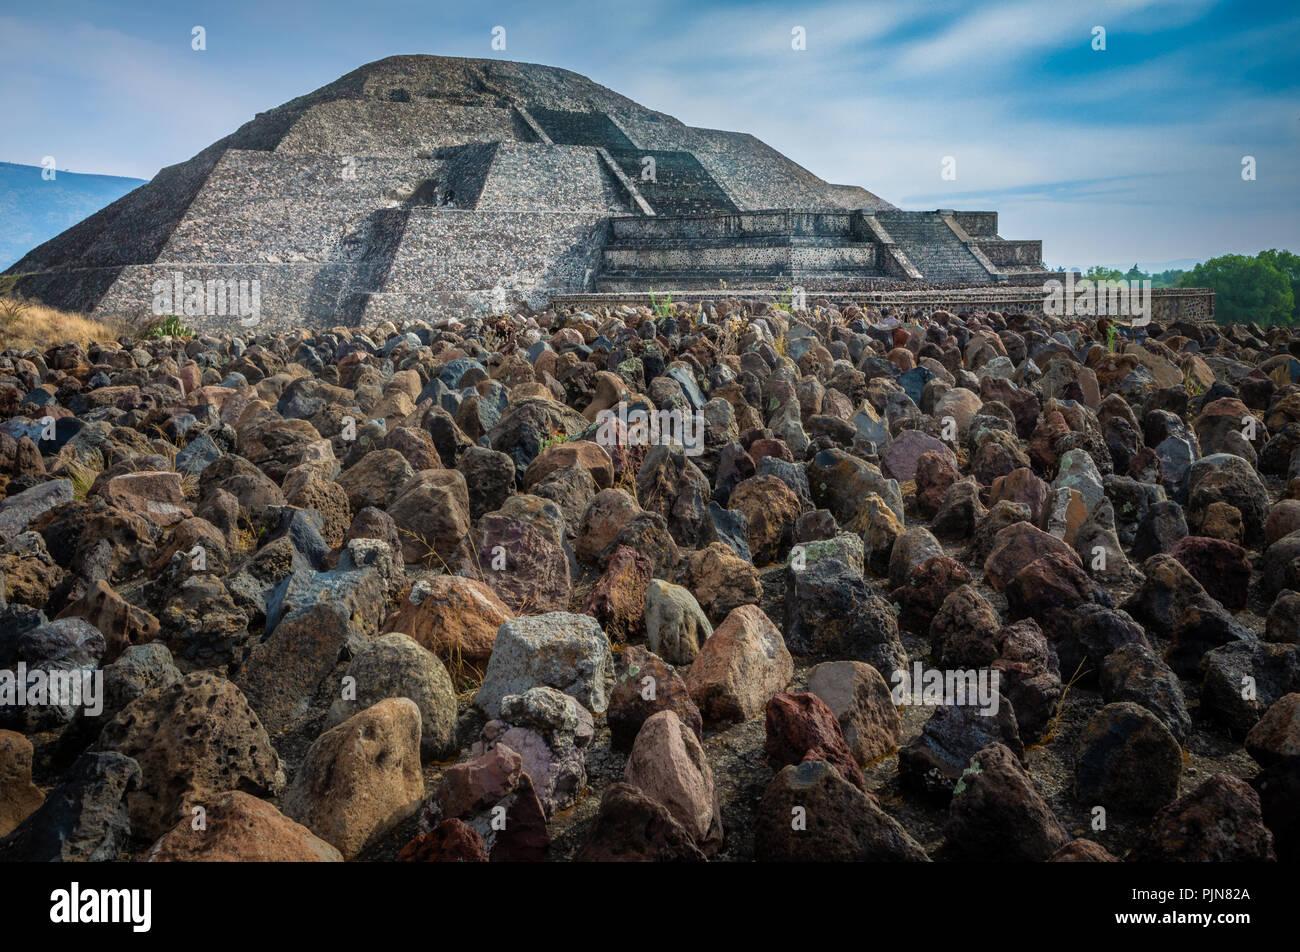 La pirámide de la Luna es el segundo más grande de la pirámide en el moderno-día San Juan Teotihuacán, México, después de la Pirámide del Sol. Imagen De Stock